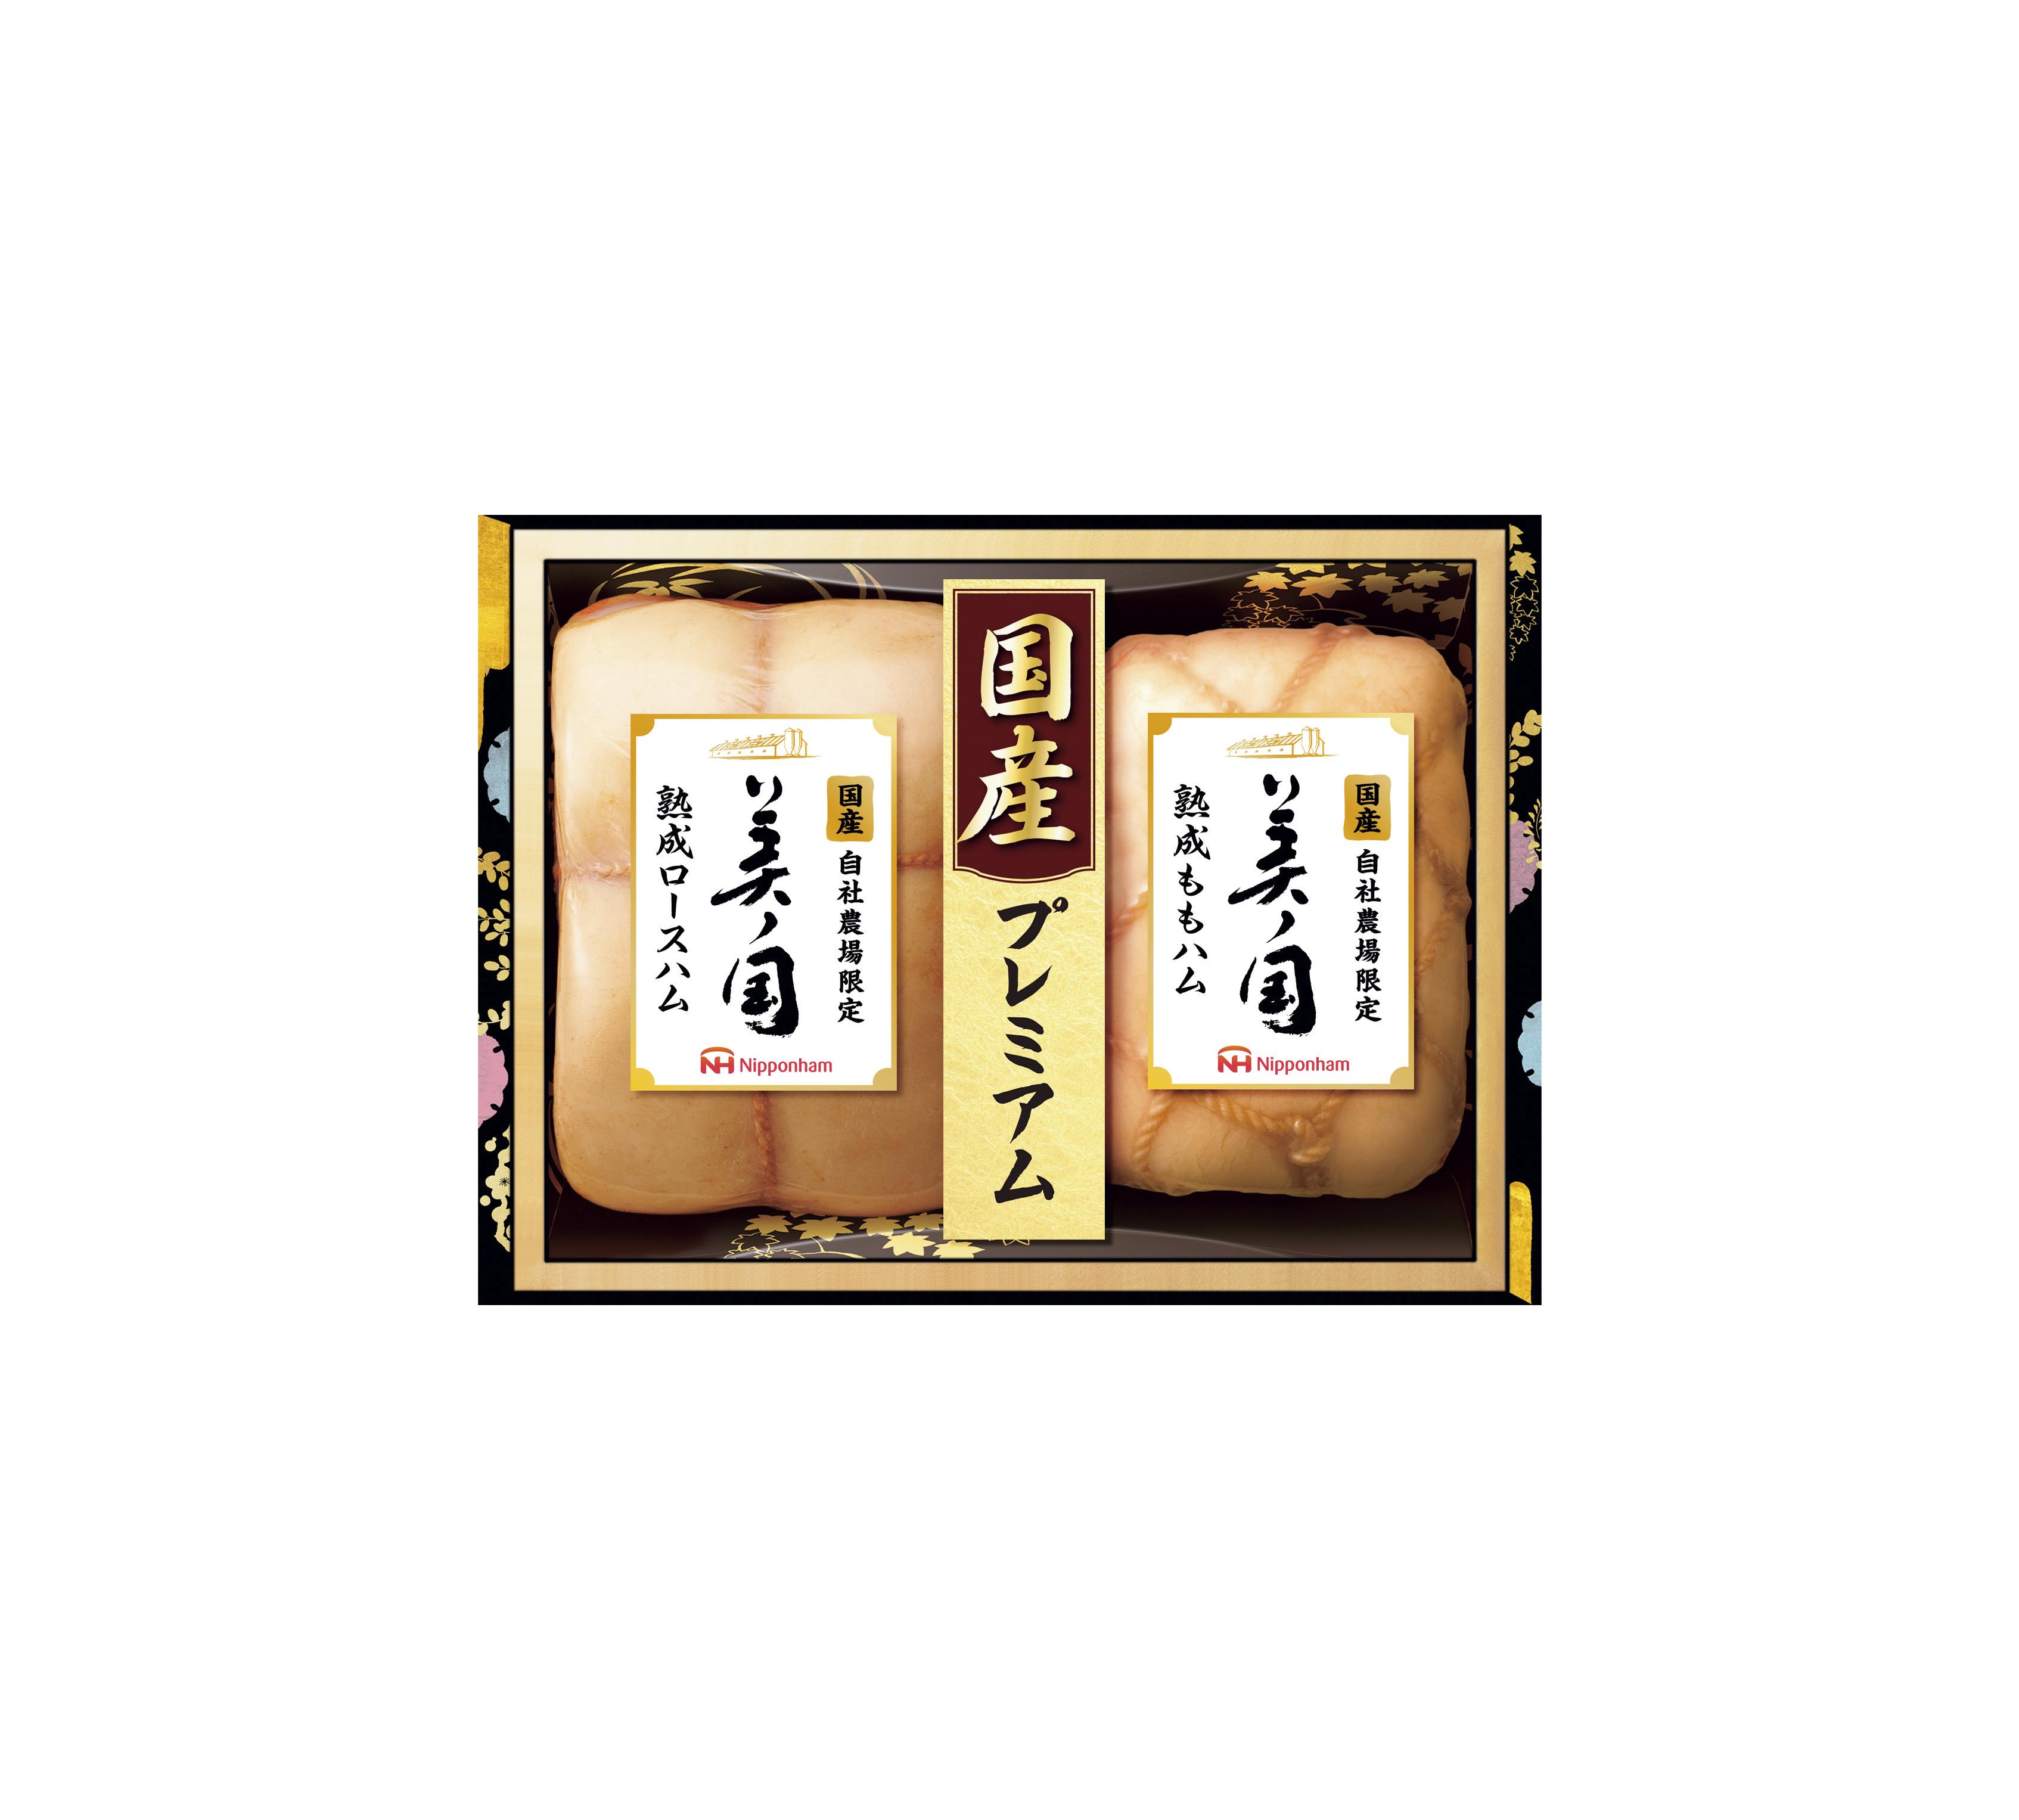 【送料無料】042 日本ハム 国産プレミアム 美ノ国ギフト<UKI-55>【御歳暮】【お歳暮】【お届け期間:11/17~12/21】